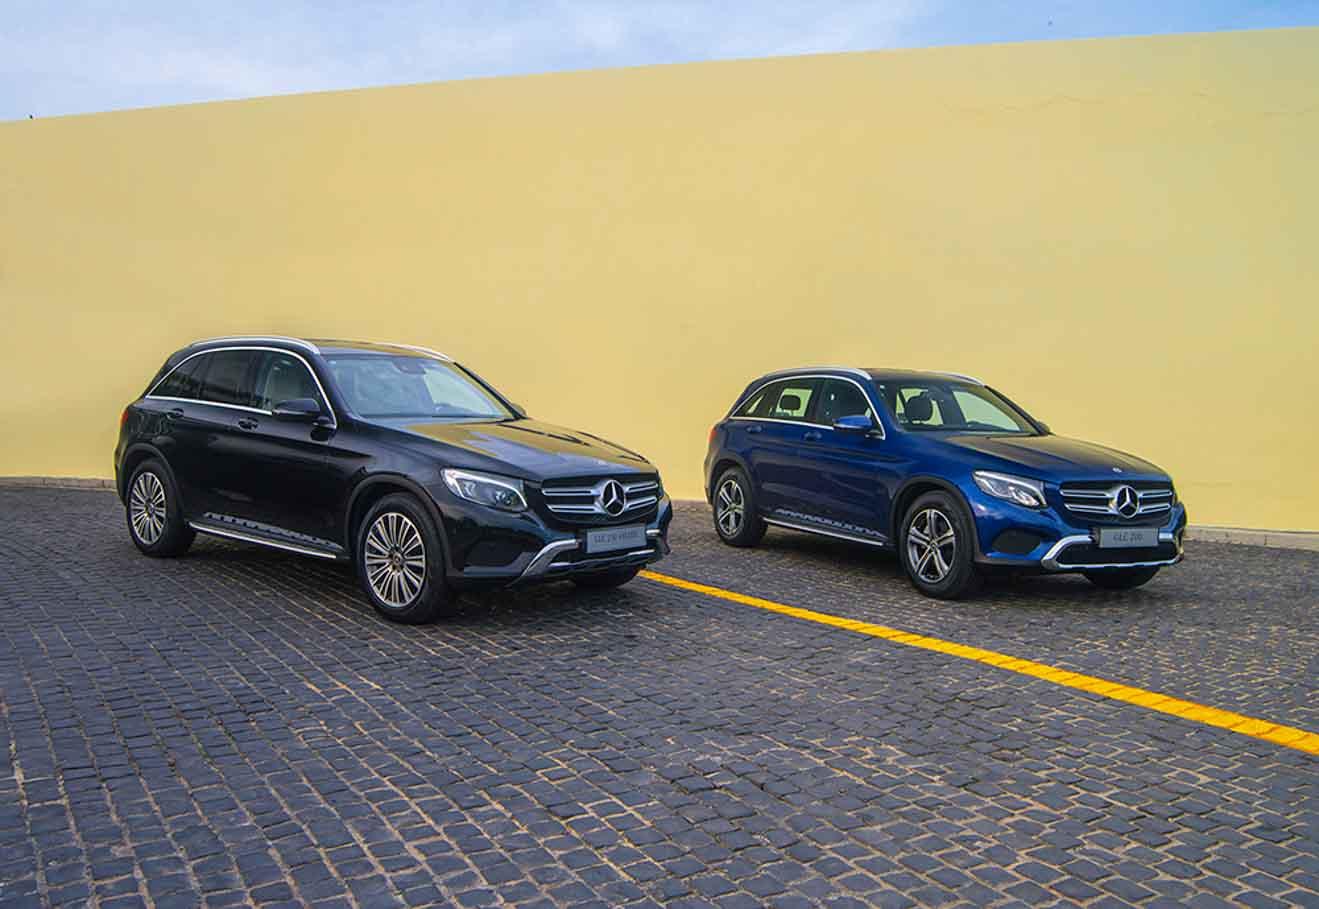 Giá xe Mercedes GLC cập nhật tháng 10/2018: Phiên bản một cầu GLC200 giá từ 1,684 tỷ đồng - 1